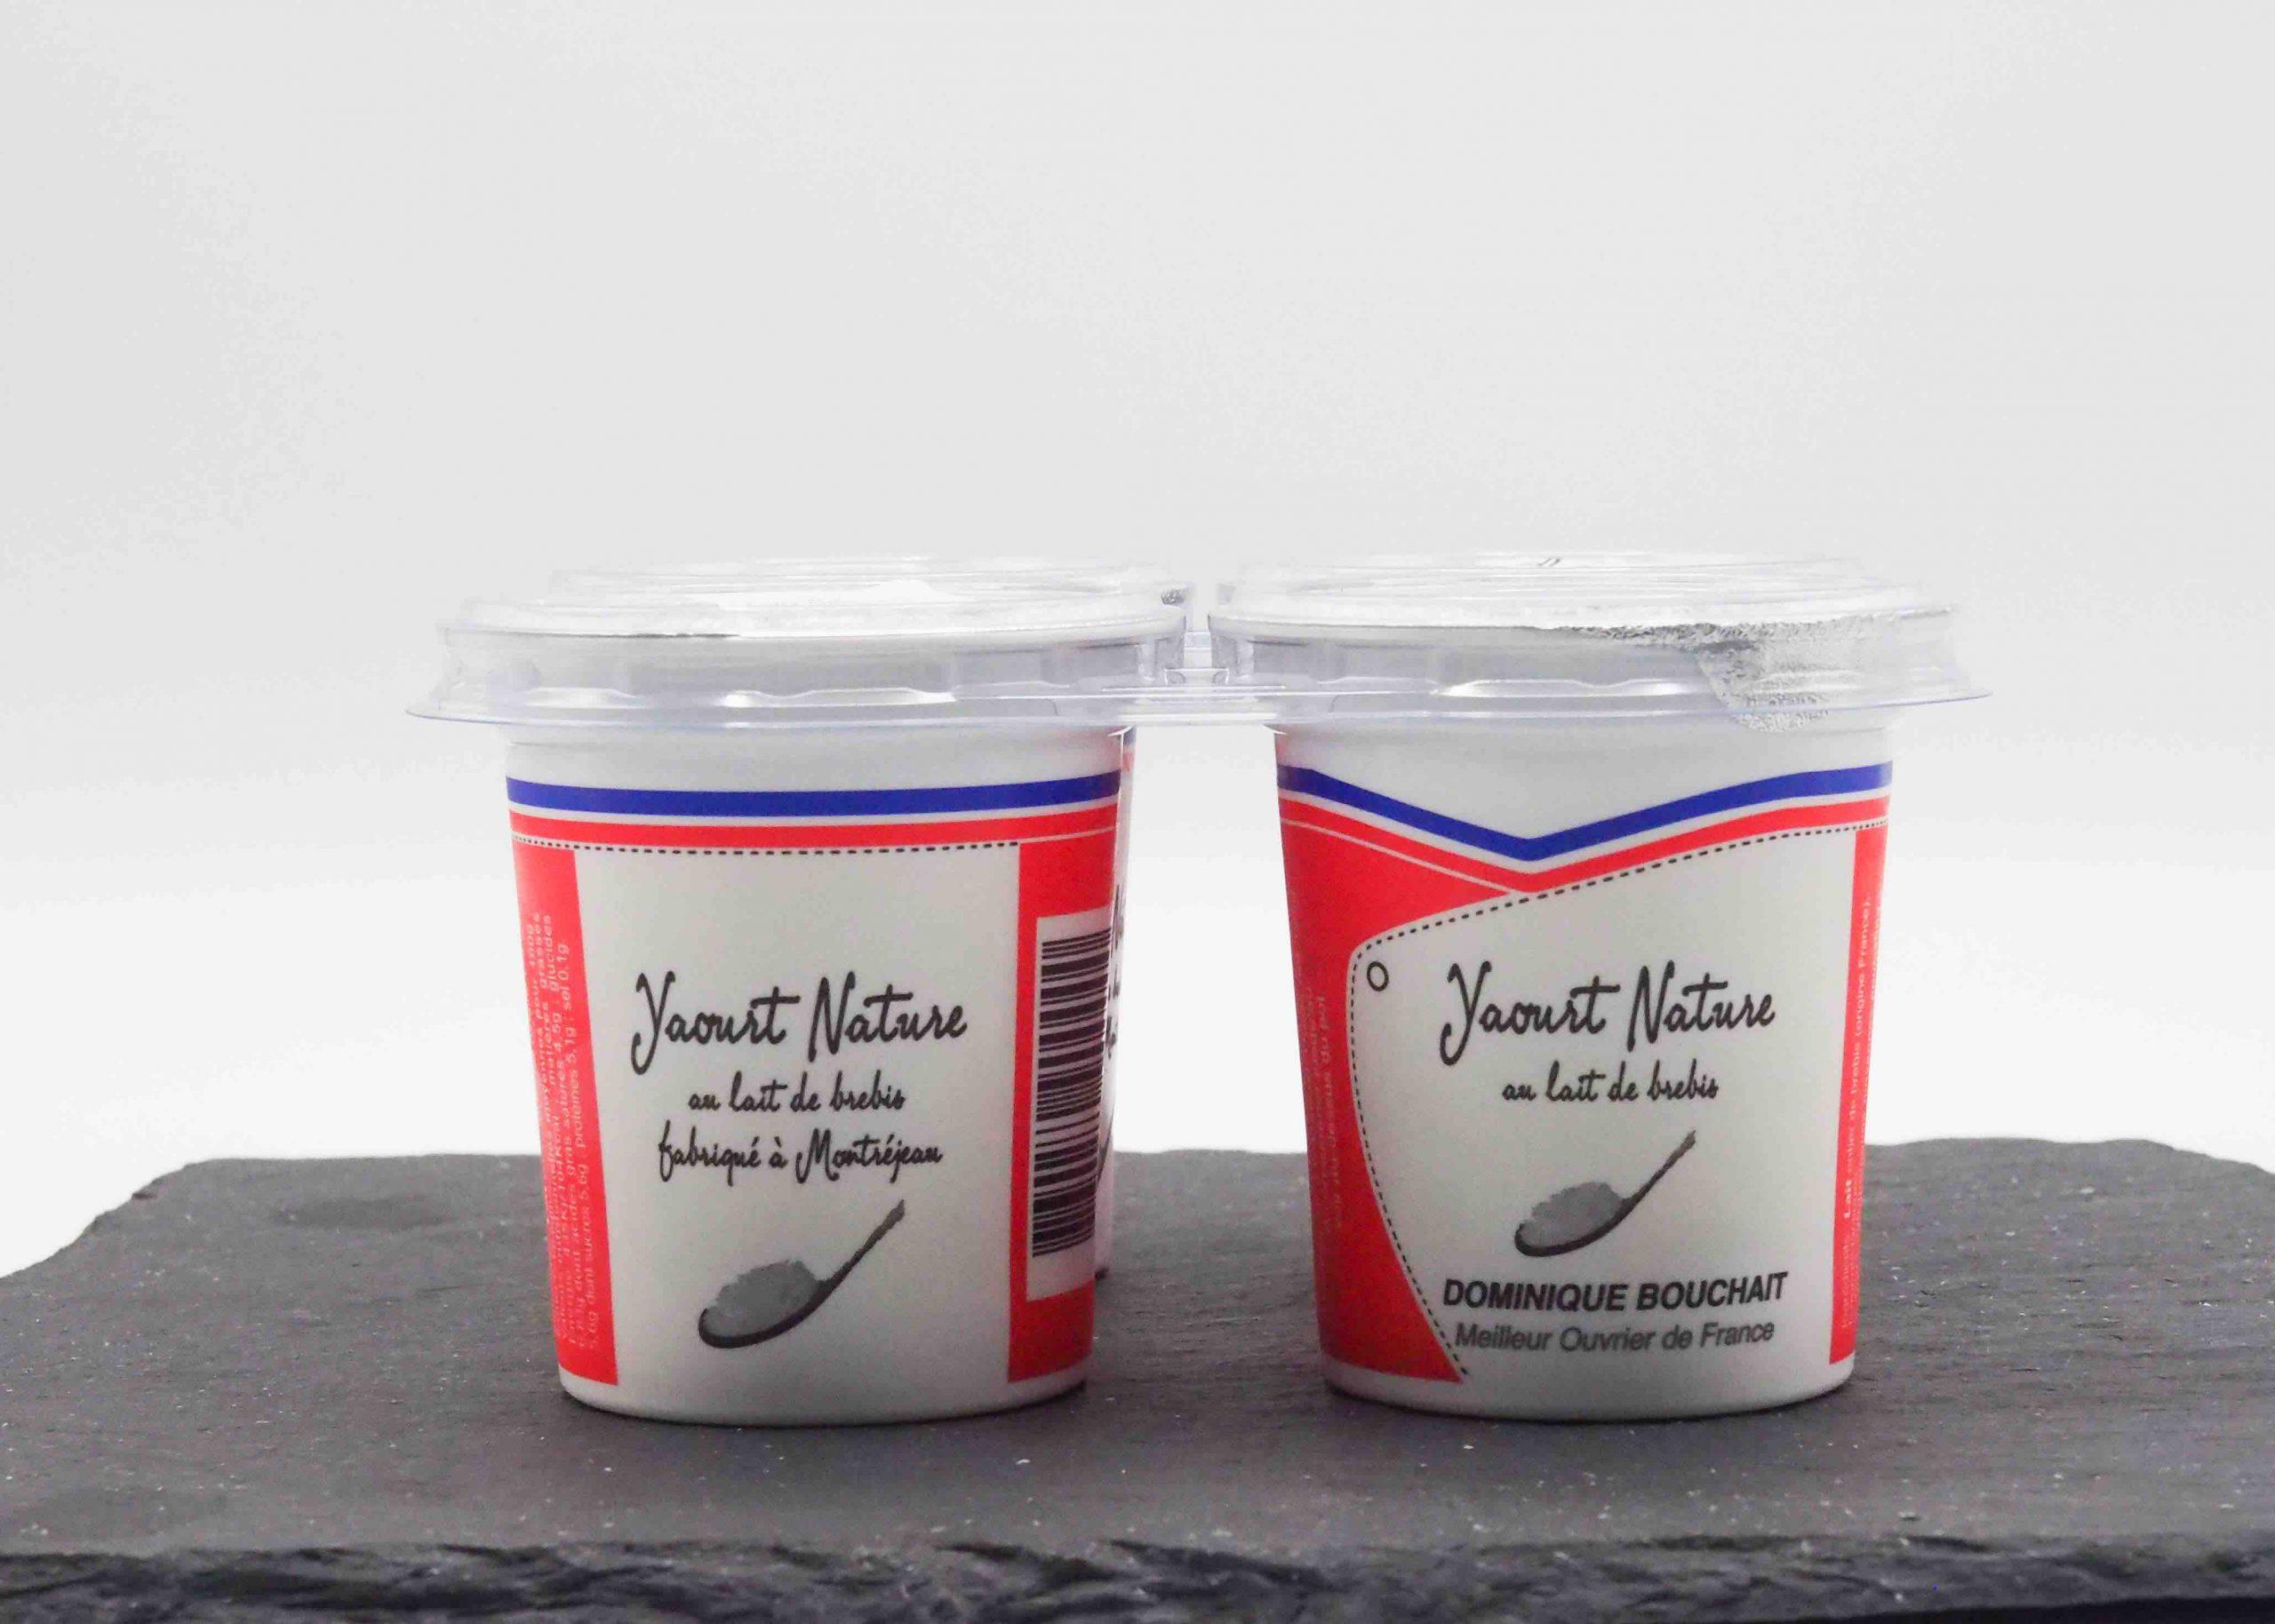 Vente de yaourt en ligne par Fromage Napoleon Meilleur Ouvrier de France Dominique Bouchait